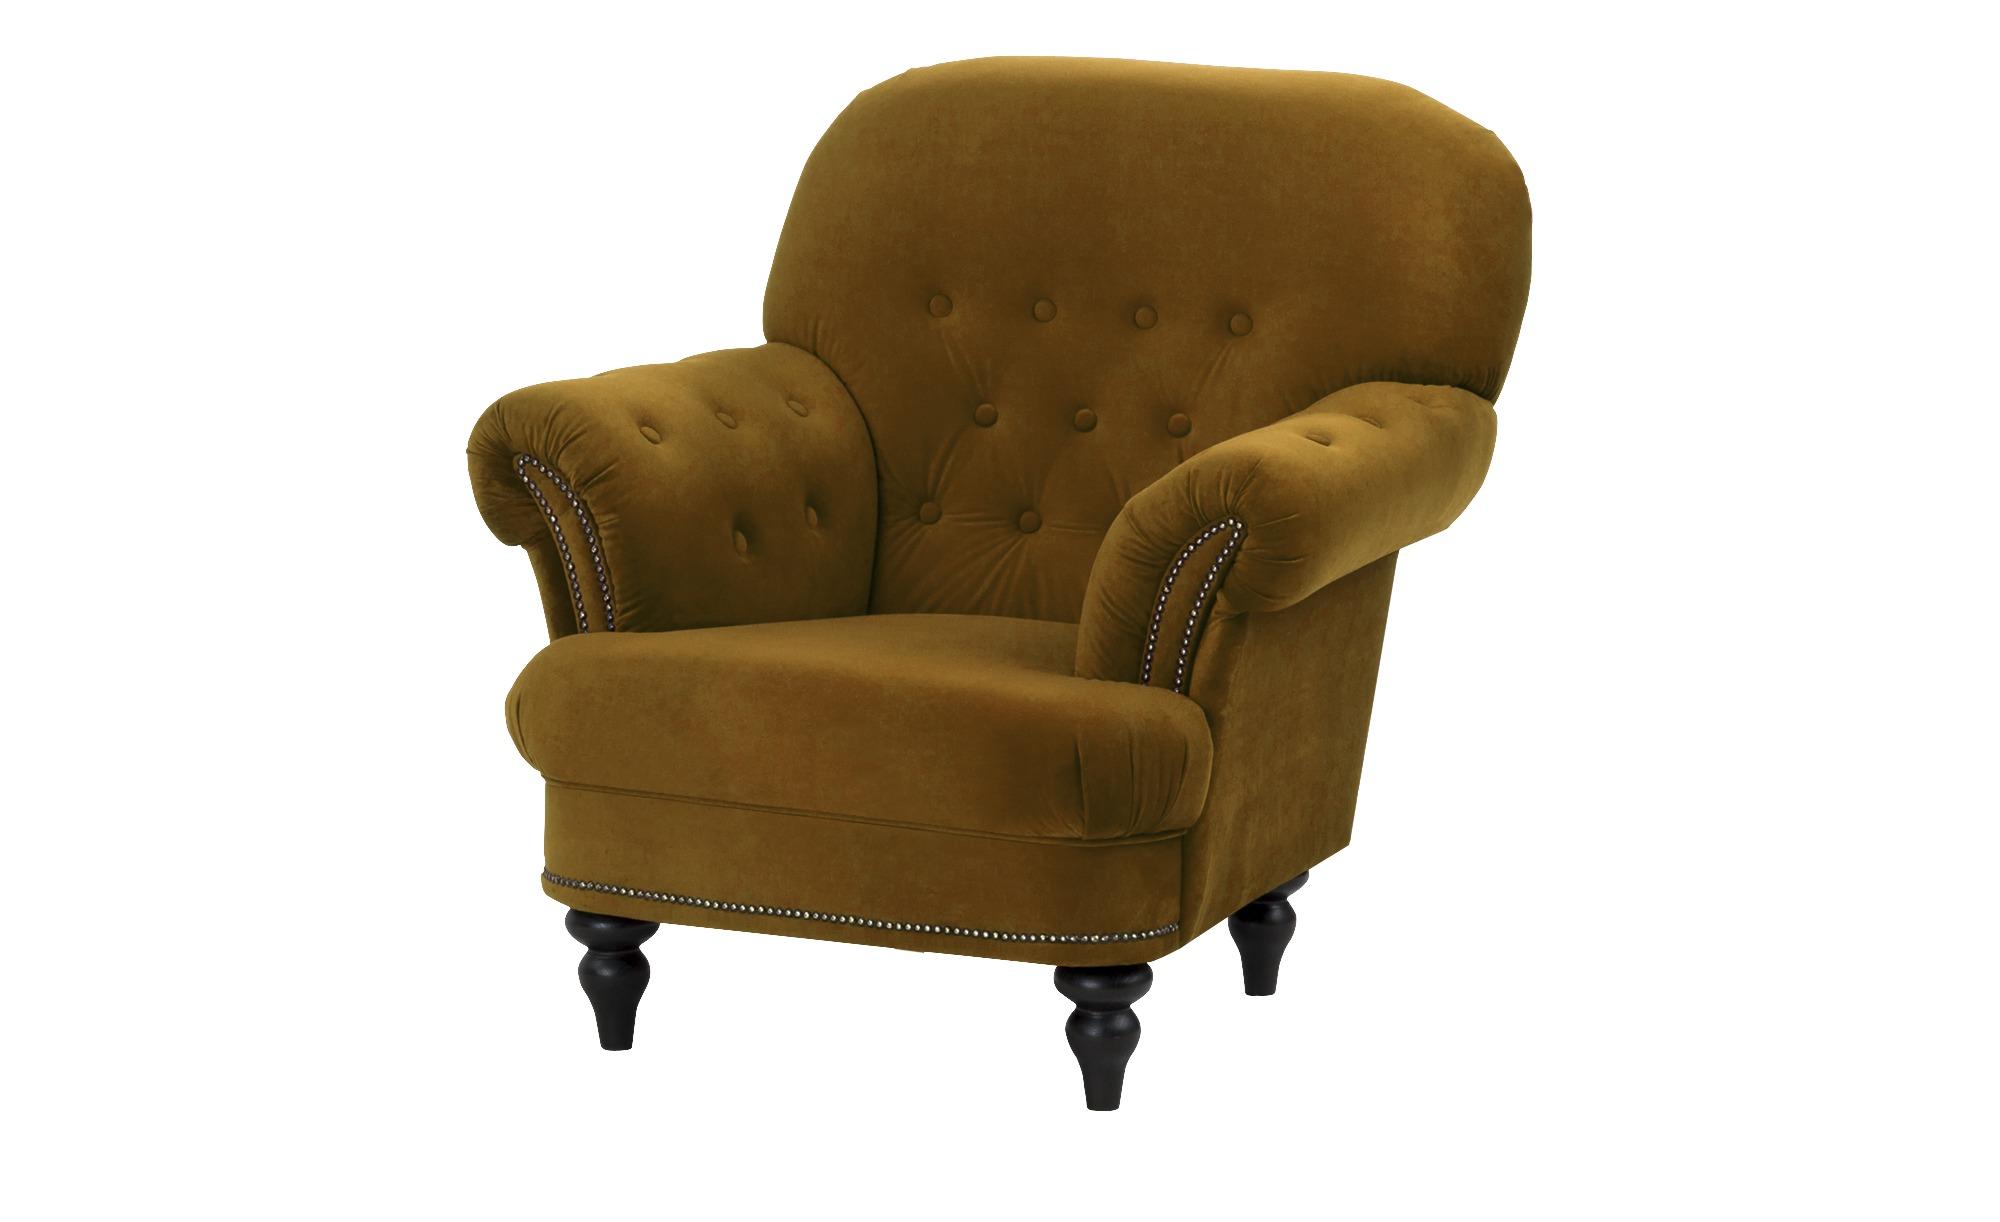 smart Sessel gelb - Stoff Sissi ¦ gelb ¦ Maße (cm): B: 100 H: 93 T: 87 Polstermöbel > Sessel > Polstersessel - Höffner